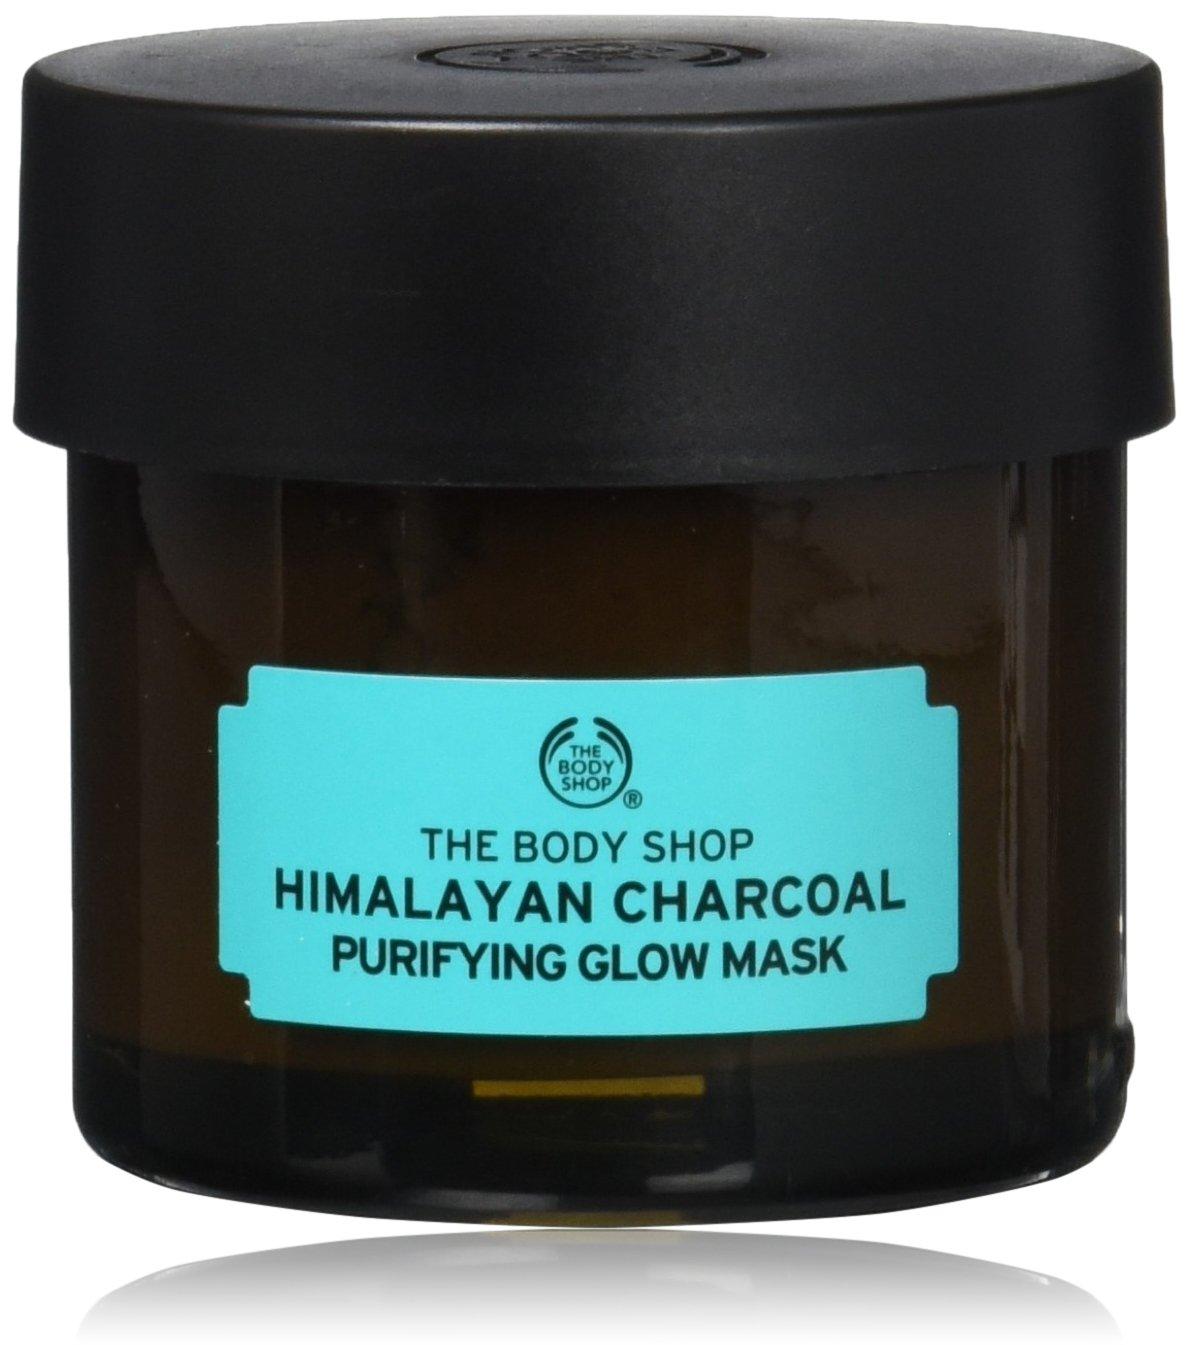 The Body Shop Himalayan Charcoal Purifying Glow Face Mask, 75ml (Vegan)